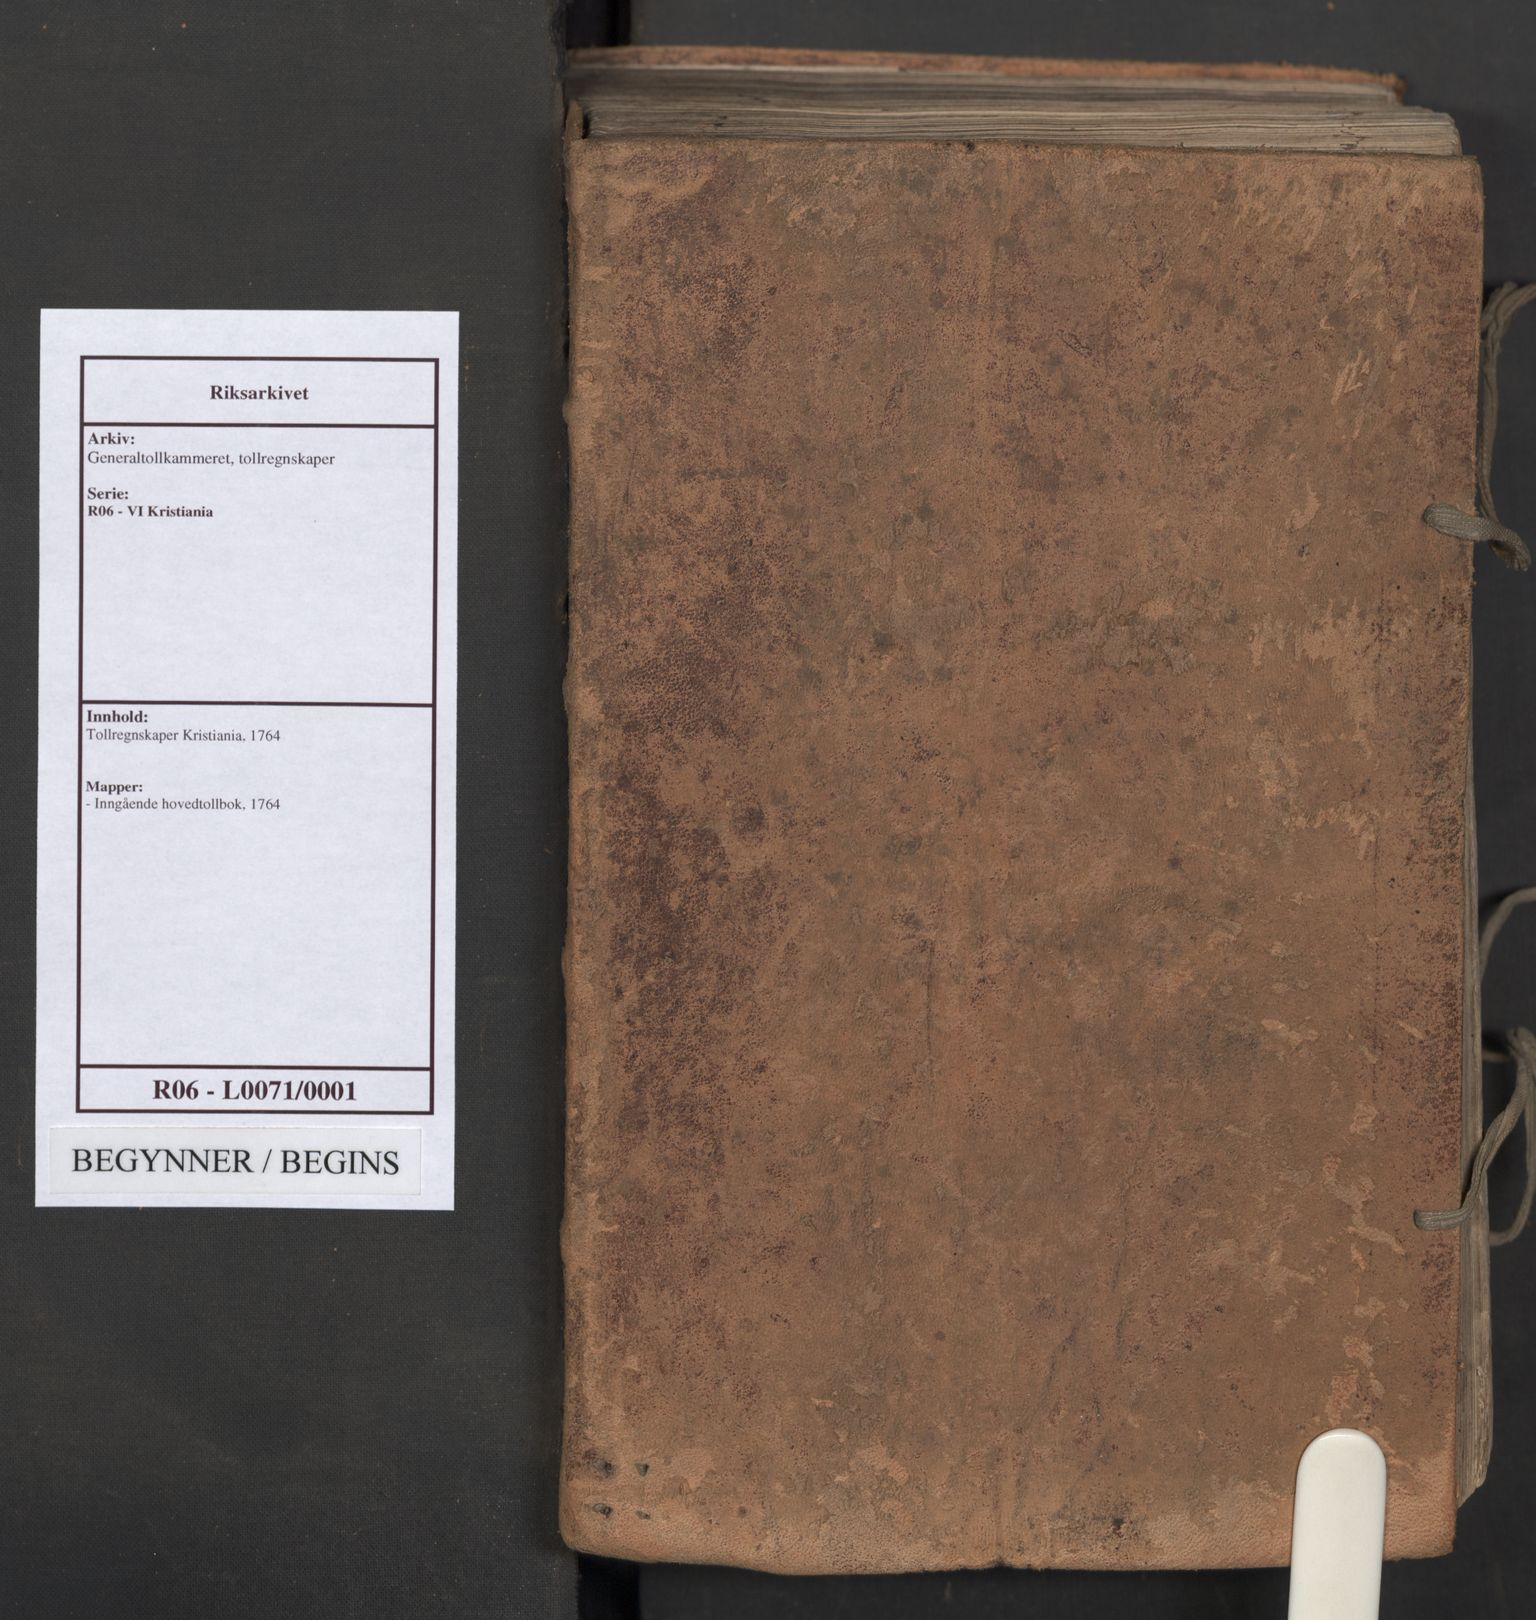 RA, Generaltollkammeret, tollregnskaper, R06/L0071: Tollregnskaper Kristiania, 1764